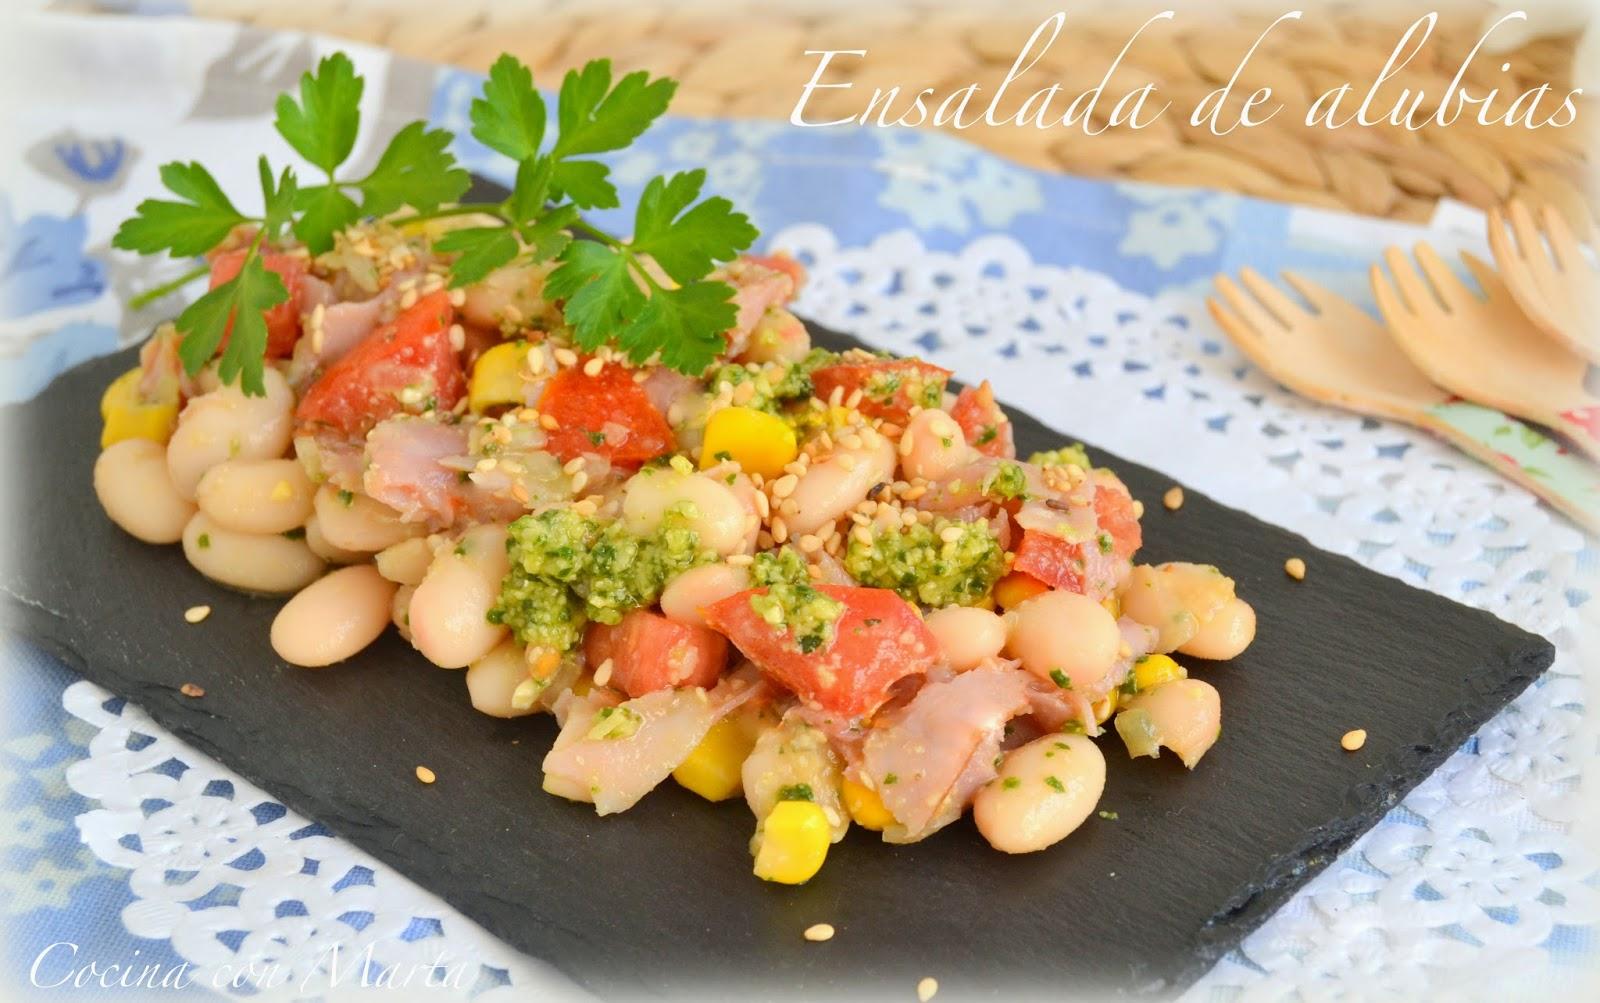 Ensalada de alubias con salsa pesto. Receta fresca, ligera, fácil, casera para el verano.